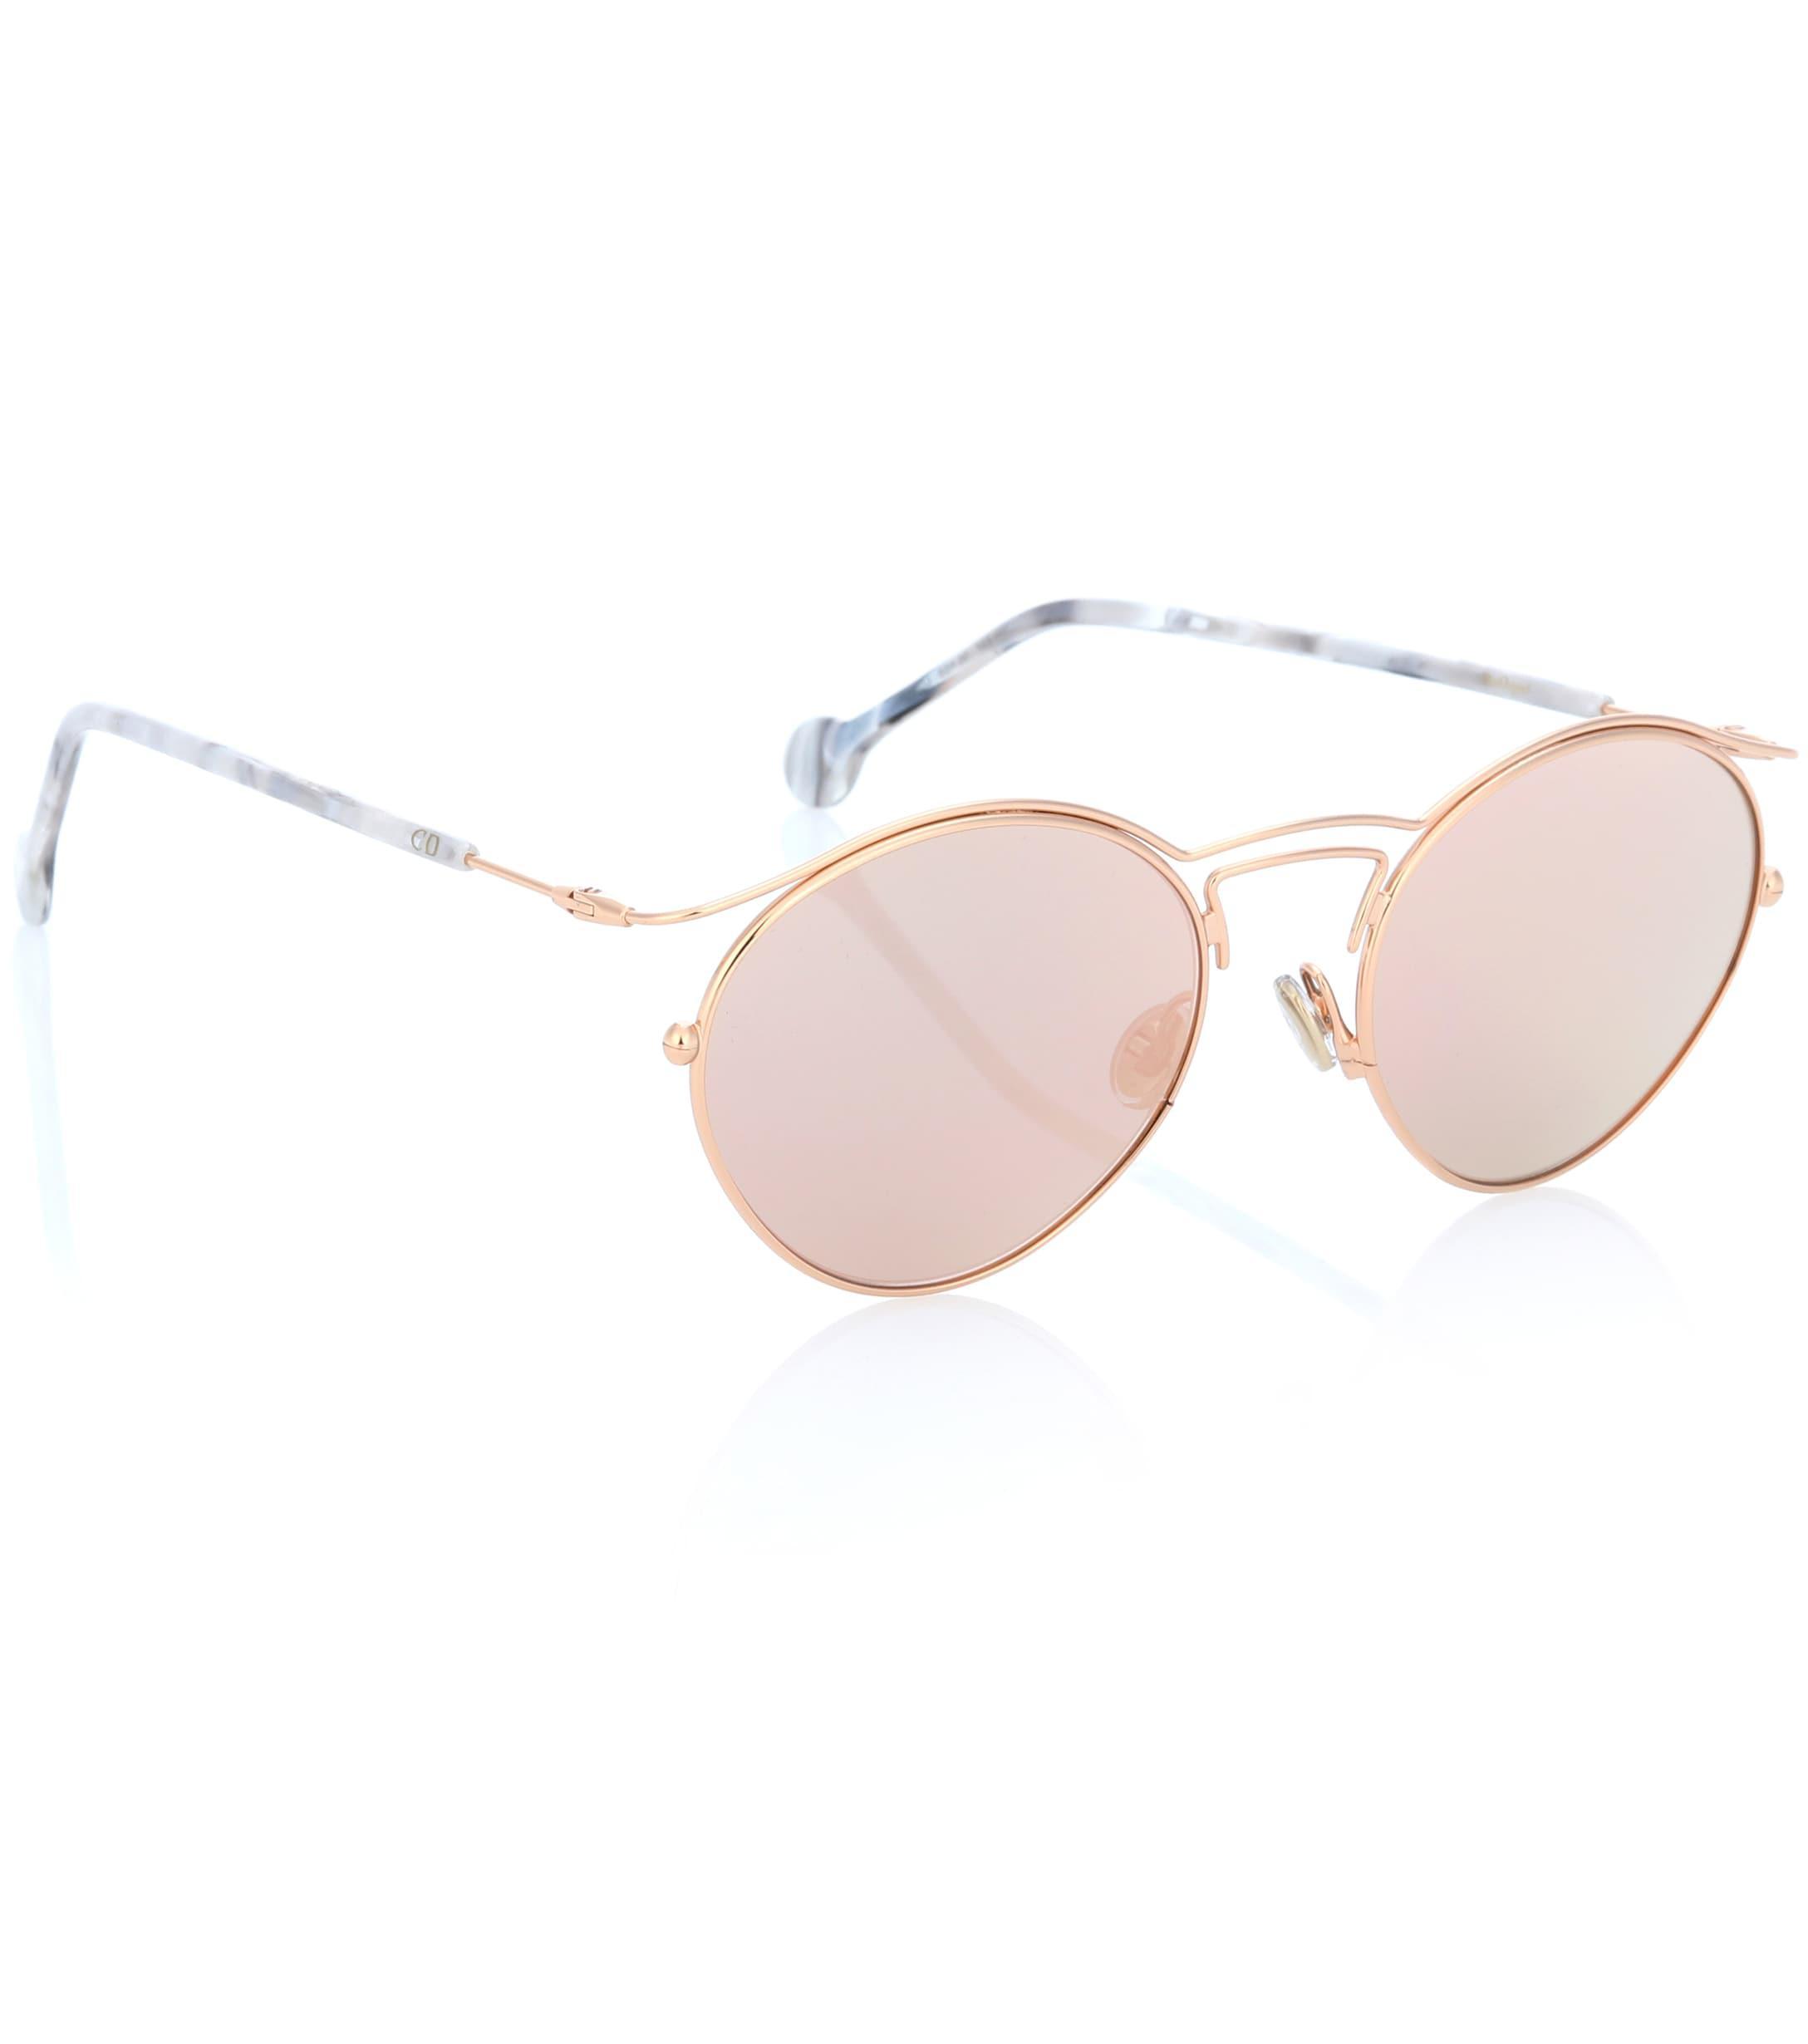 cbe172075c Dior - Metallic Diororigins1 Round Sunglasses - Lyst. View fullscreen